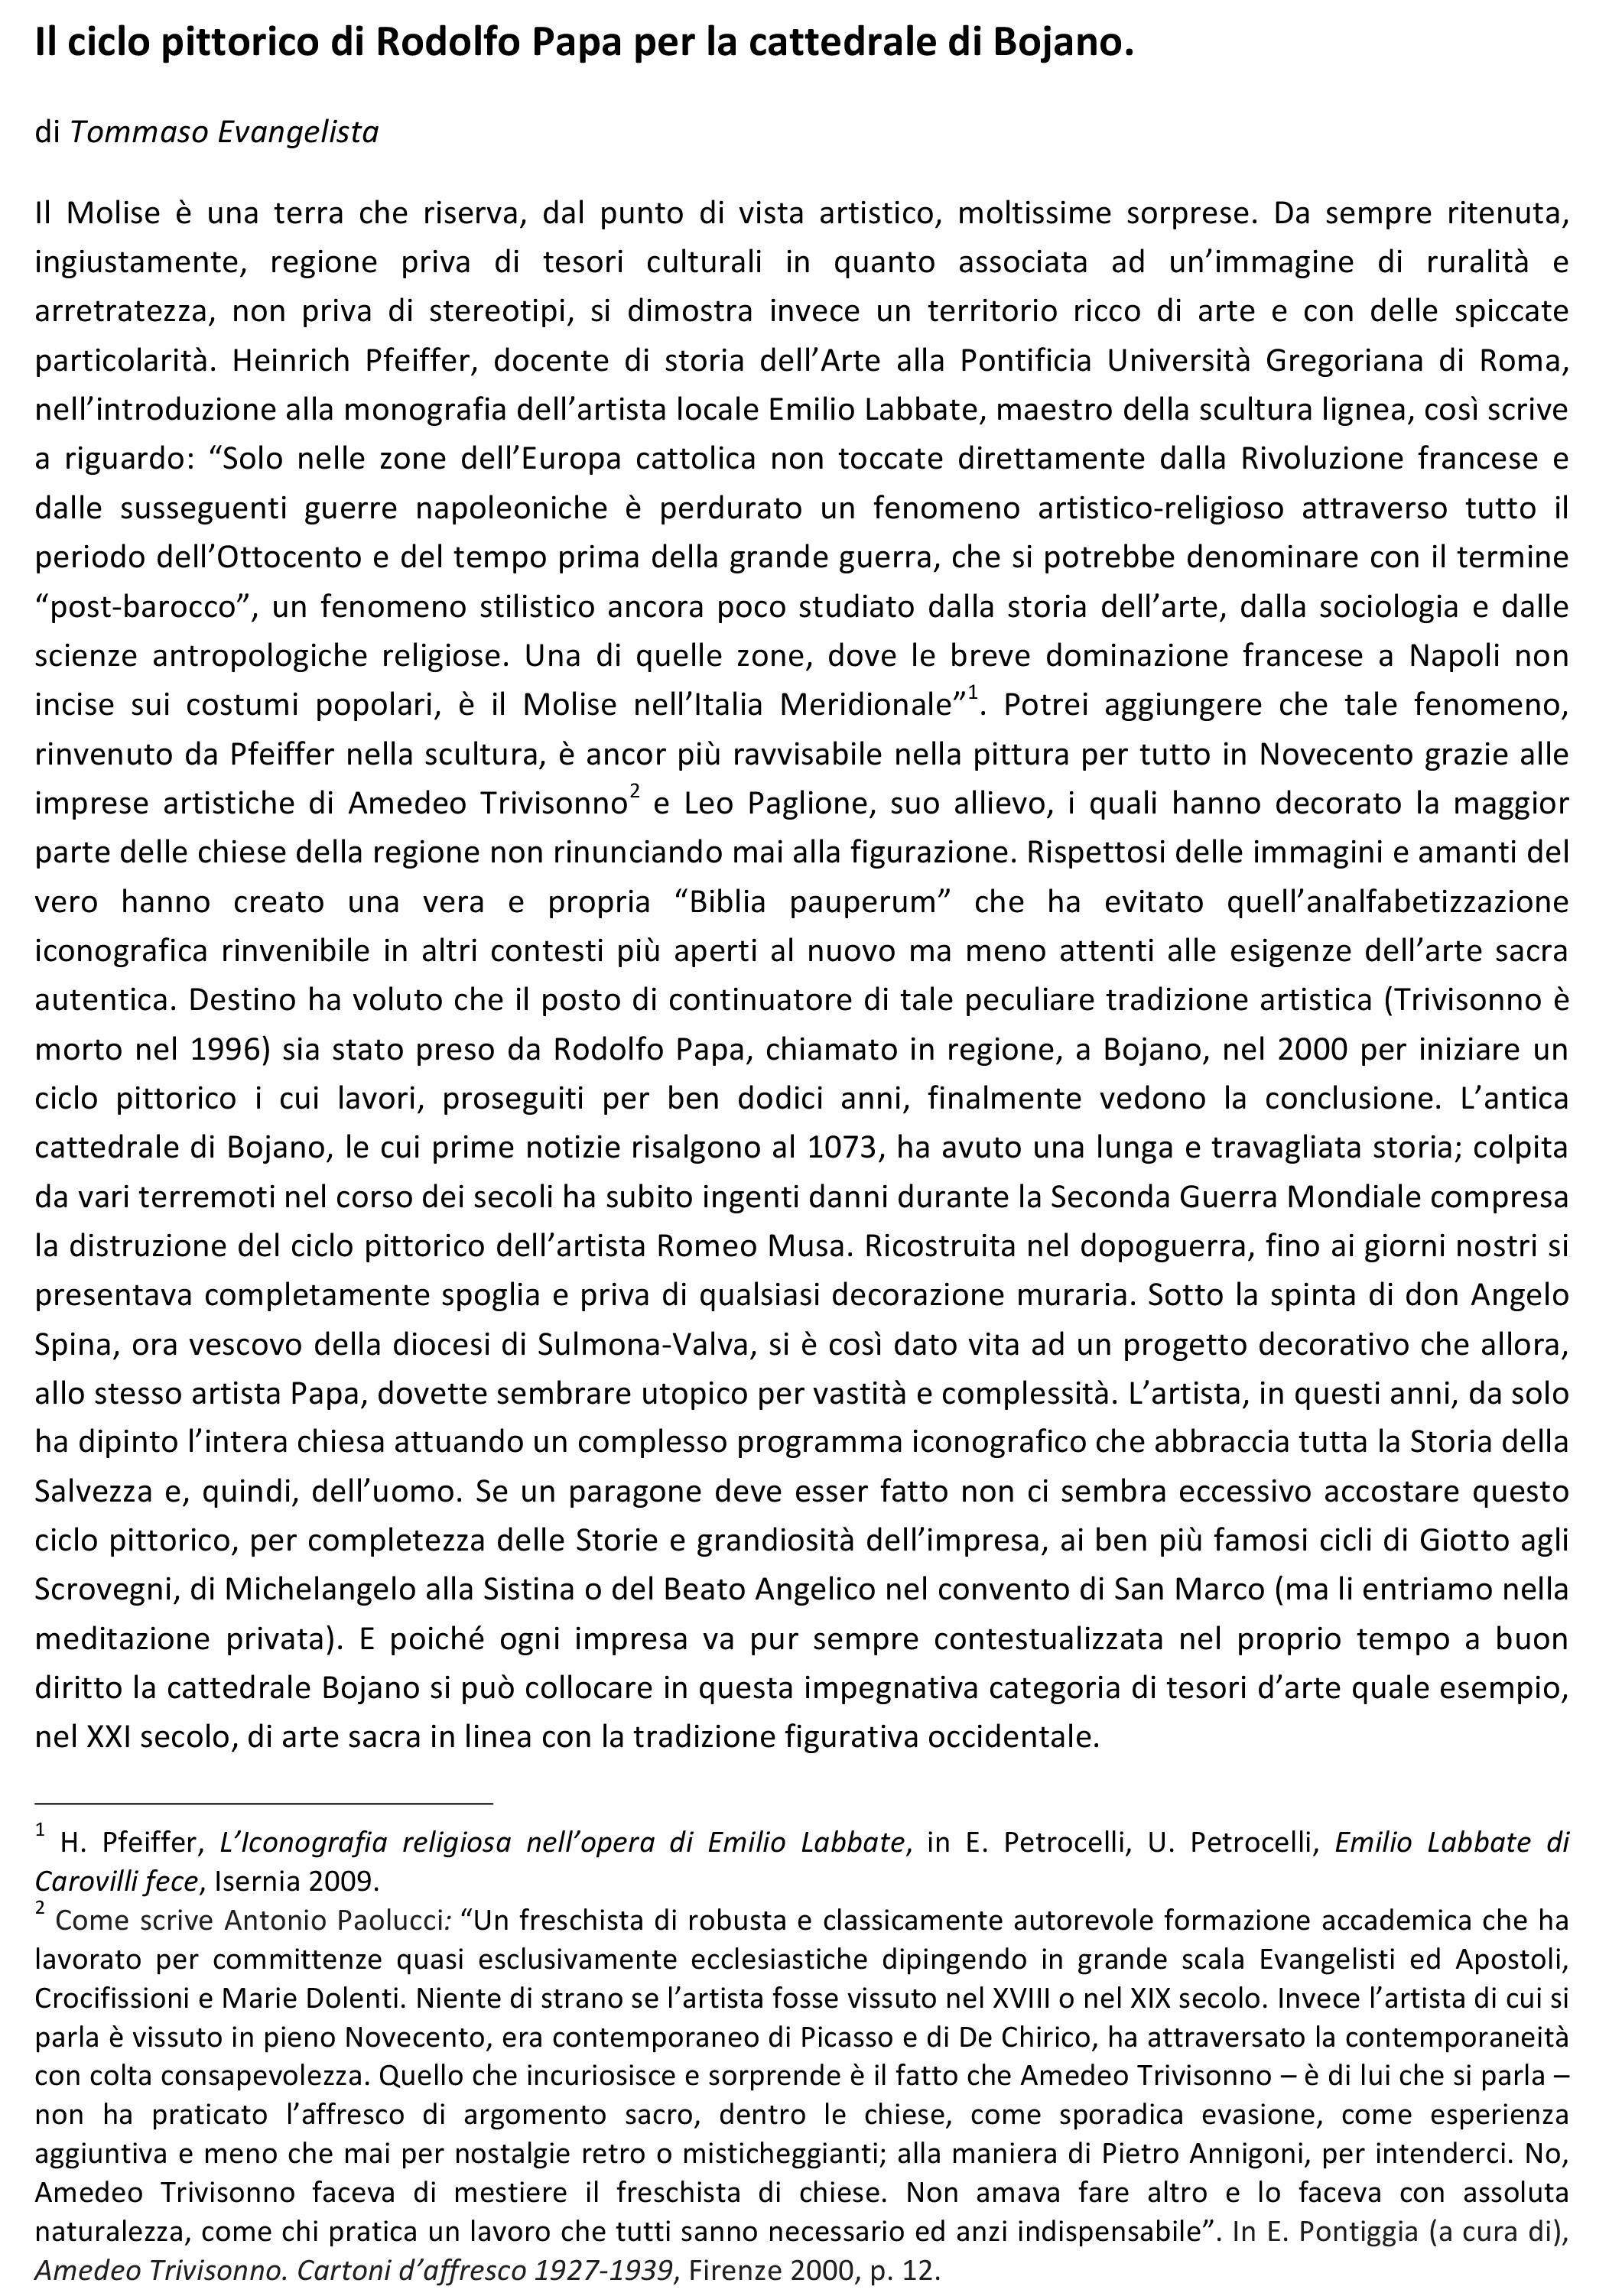 2010Il-ciclo-pittorico-di-Rodolfo-Papa-per-la-cattedrale-di-Bojano-1.jpg